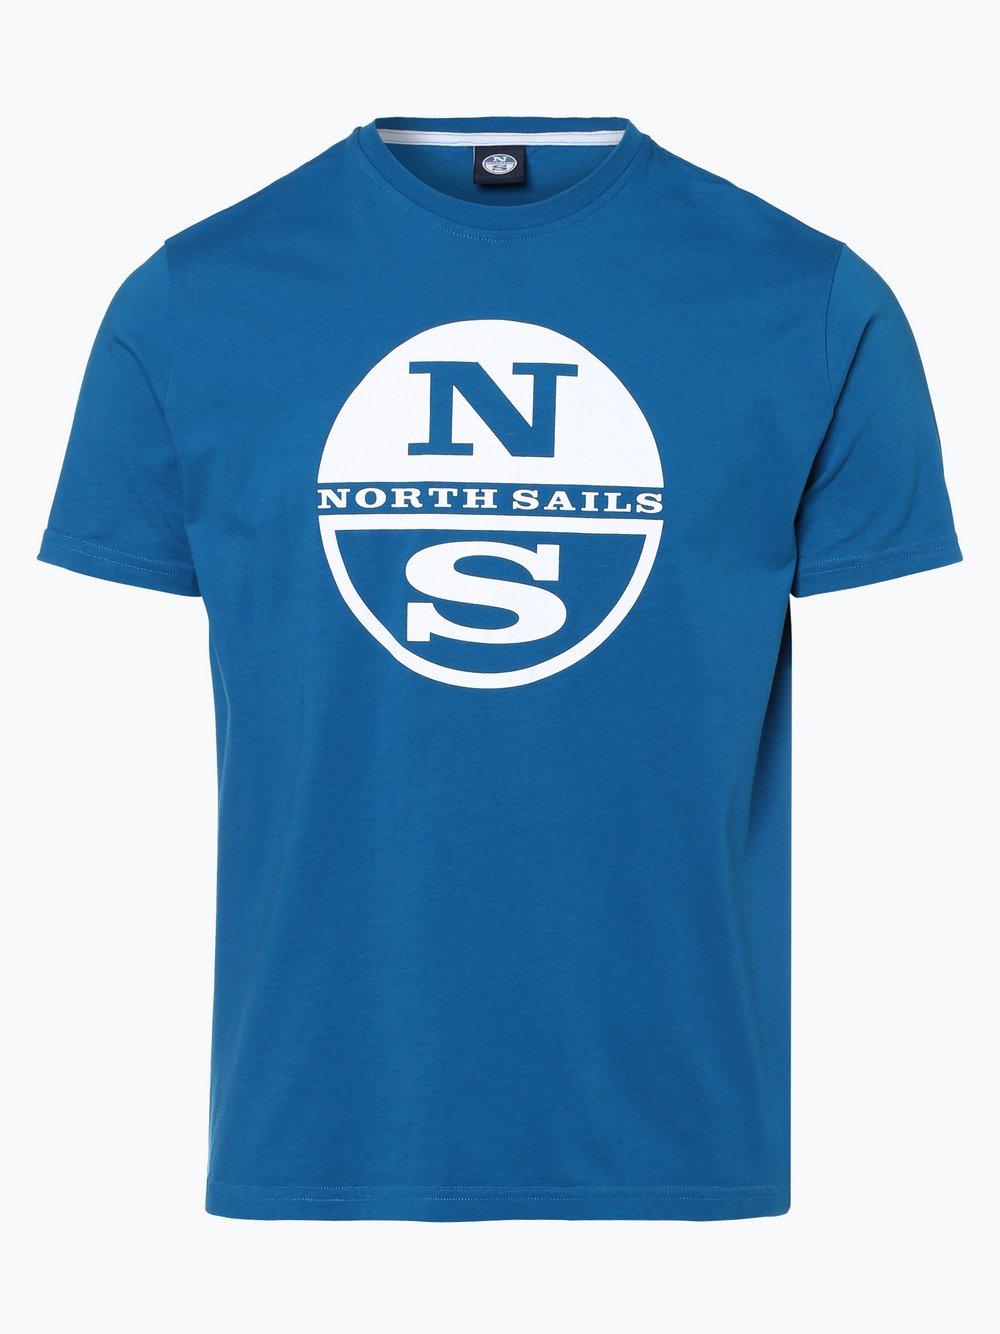 Royal Sails North T Und Shirt Bedruckt Kaufen Herren Online Peek BgnxnwI